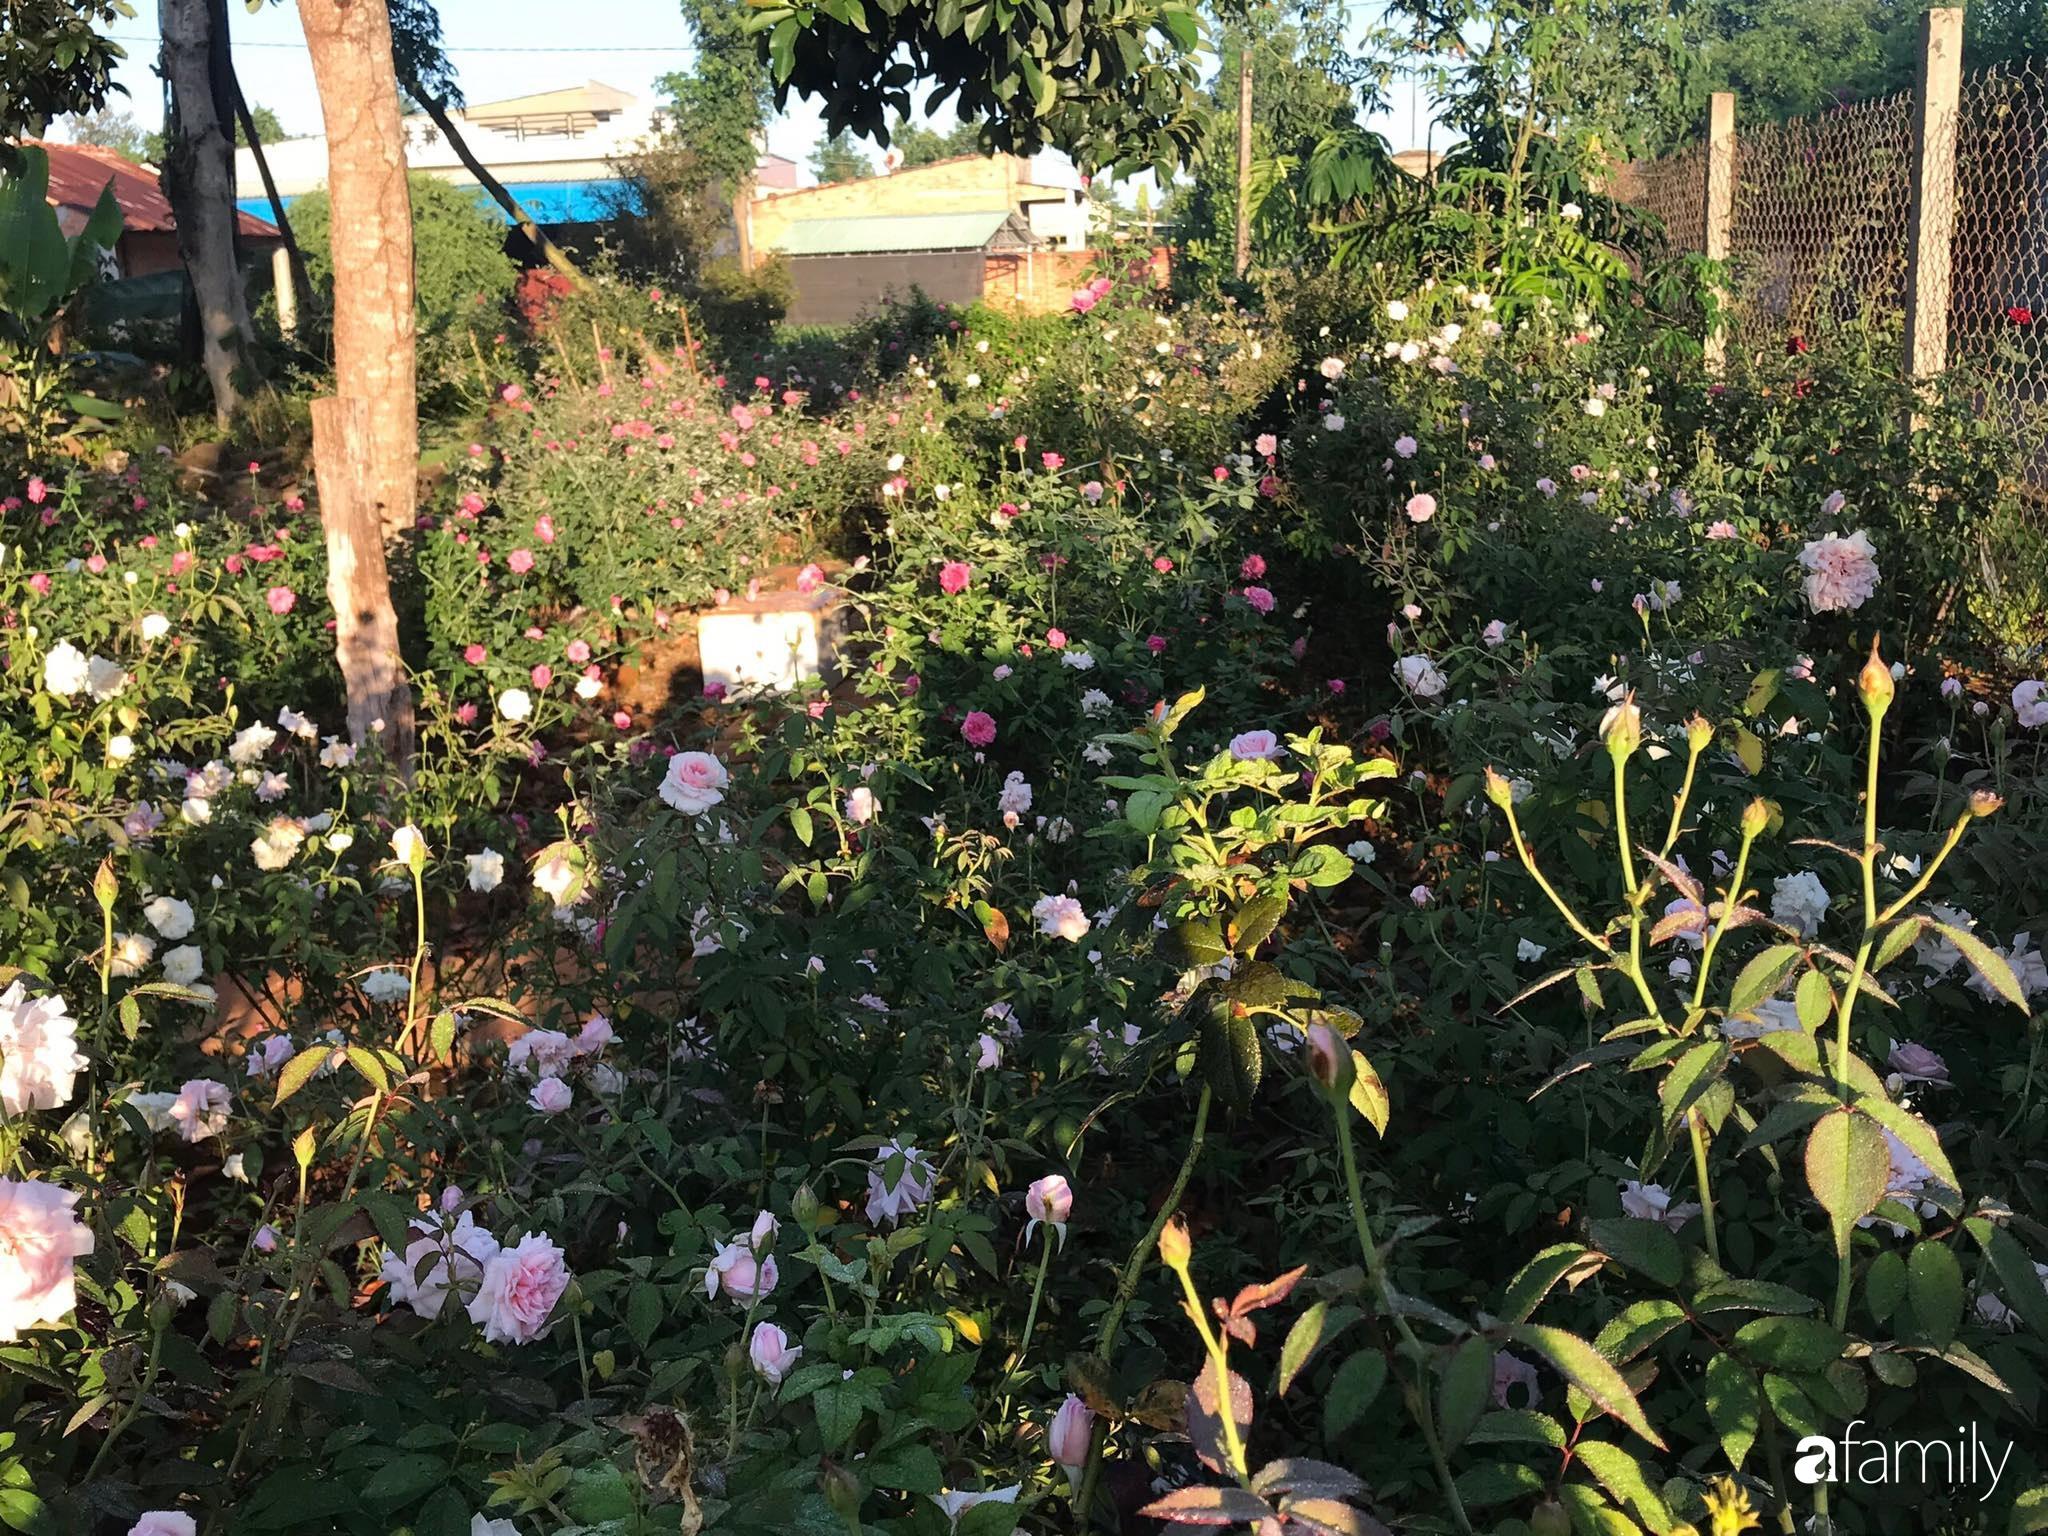 Khu vườn hoa hồng đẹp như cổ tích mà người chồng ngày đêm chăm sóc để tặng vợ con ở Vũng Tàu-16